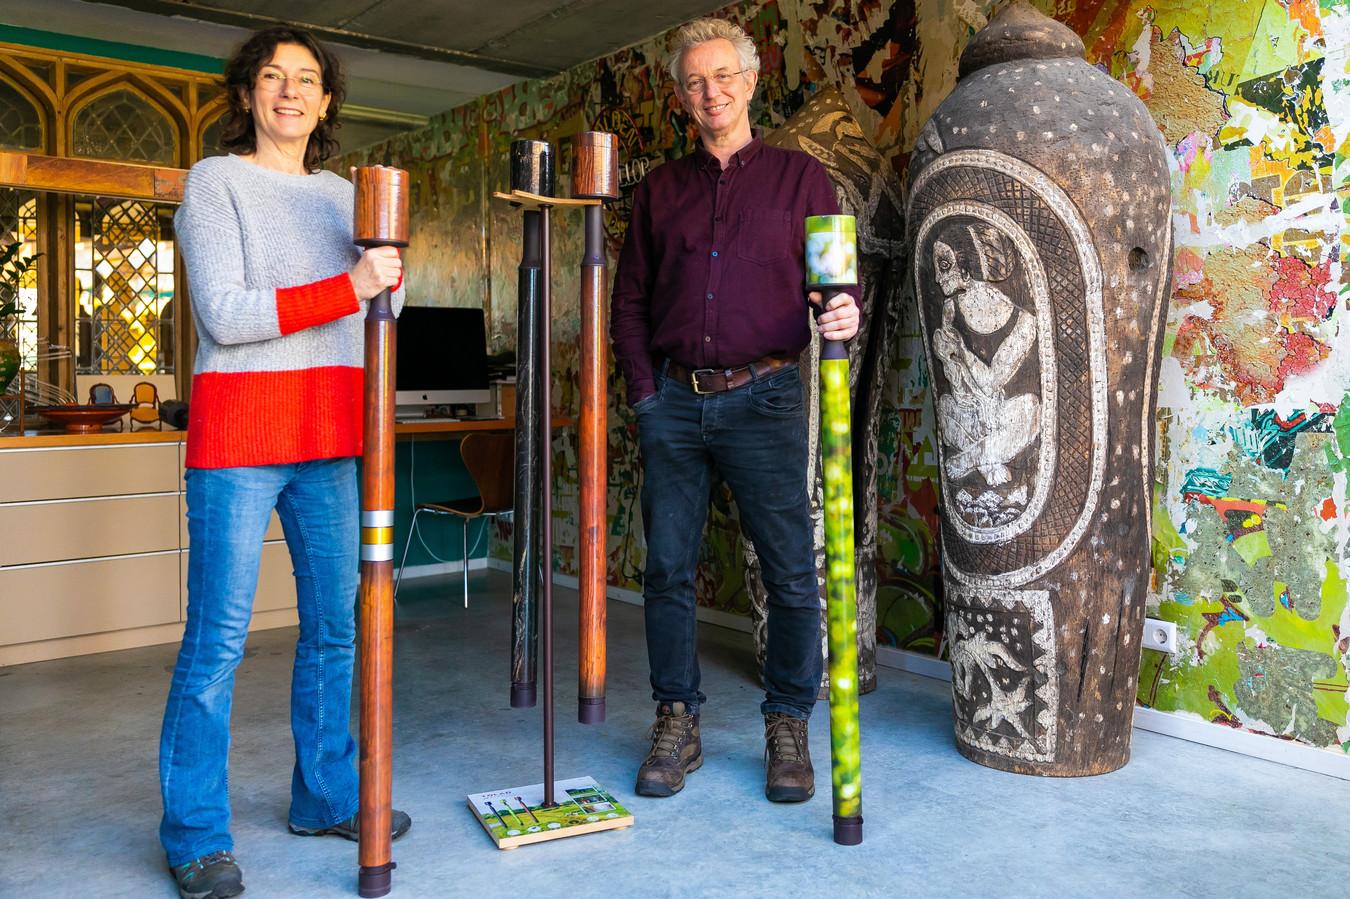 Karin Oerlemans en Eric Tibosch hebben een wandelstok bedacht waarin je de as kan doen van een overledene en zo al wandelend as kan uitstrooien.